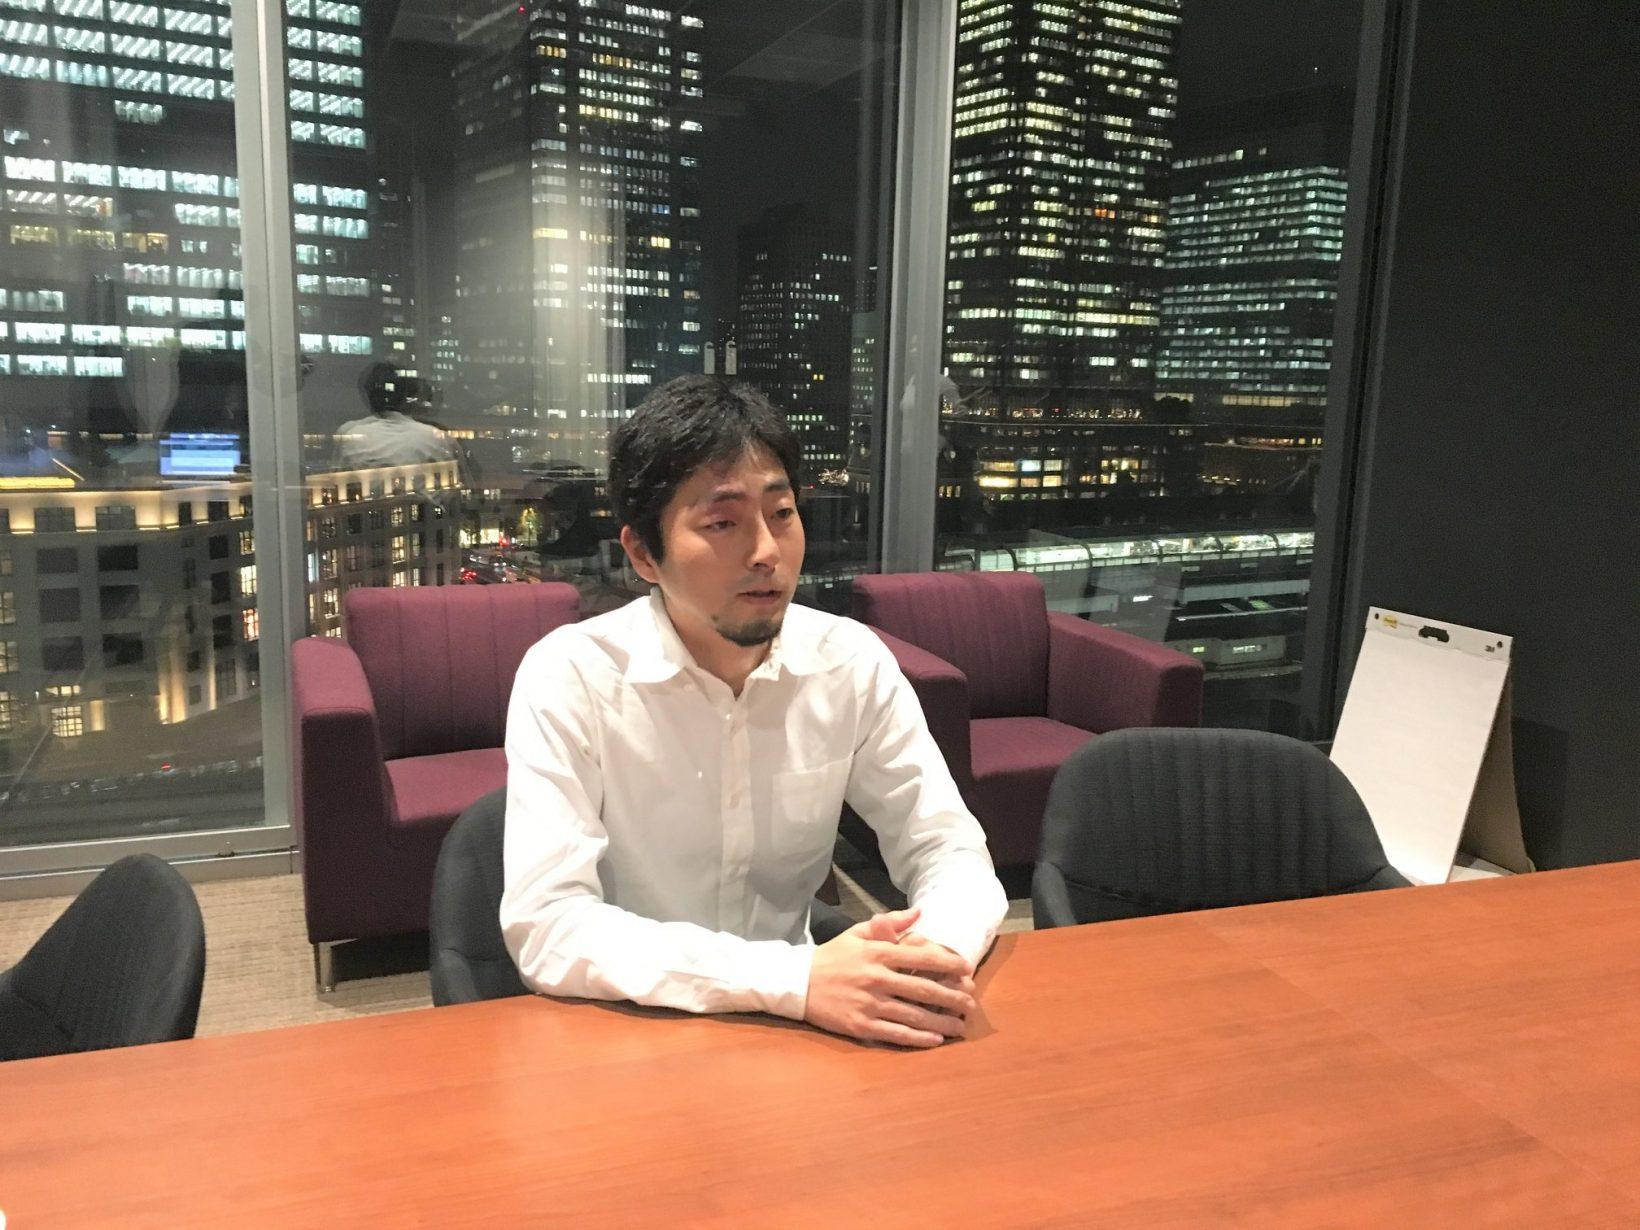 ユーザー様インタビュー第17回  Nota Inc.  CEO 洛西一周様